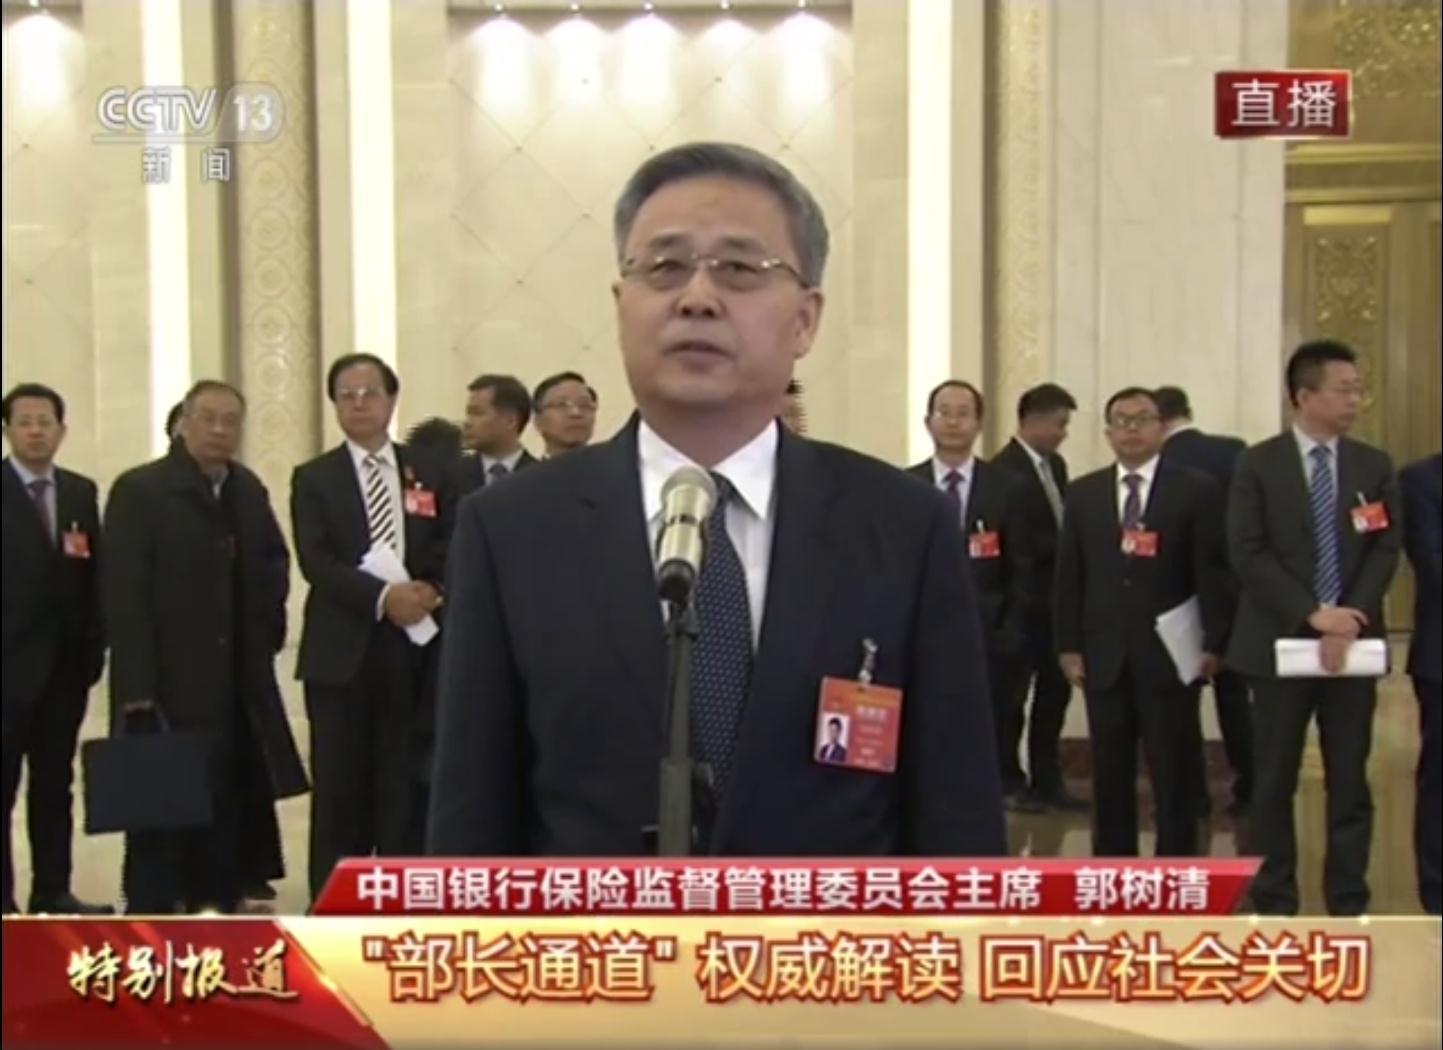 郭树清:特朗普指责中国操纵汇率,这是没有的事情